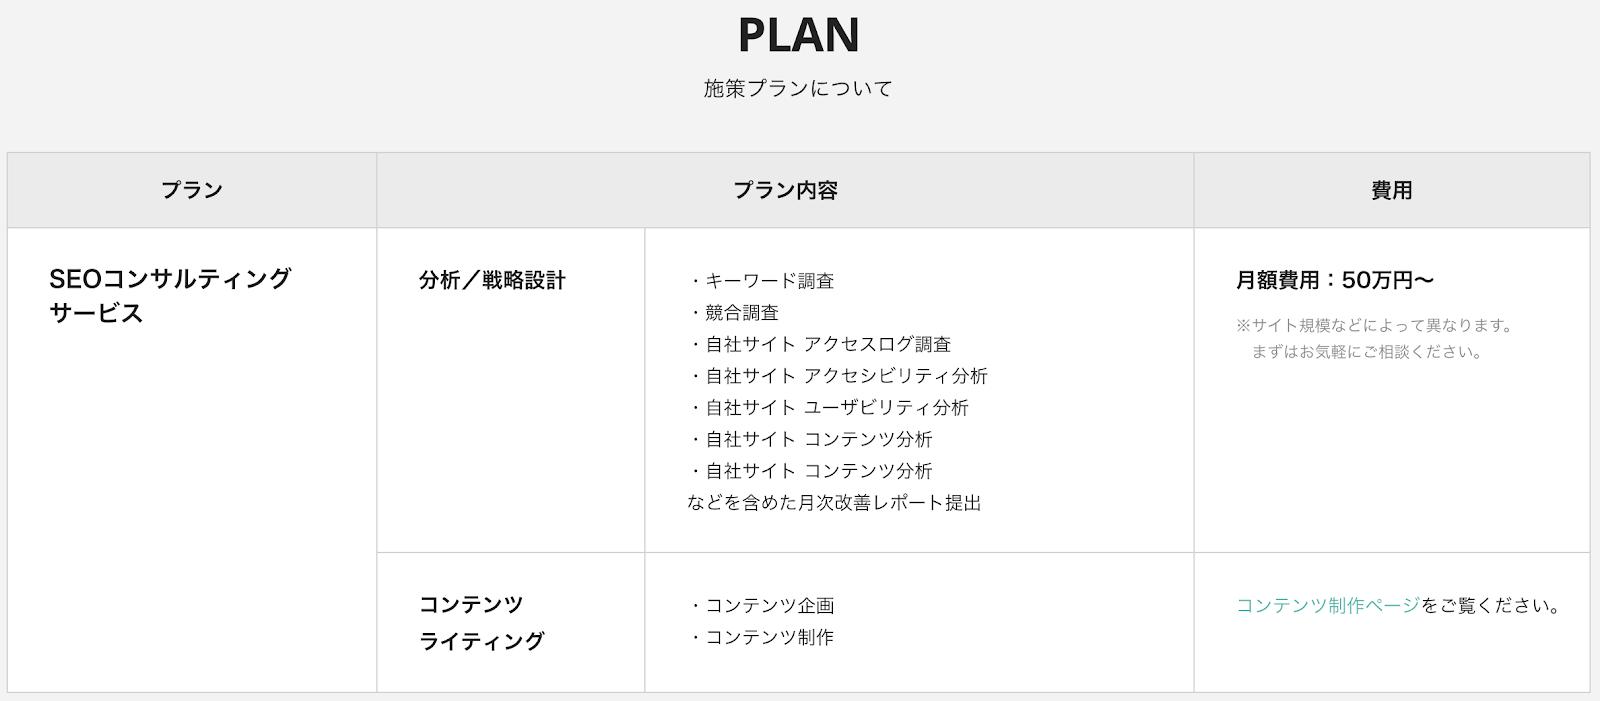 株式会社PLAN-Bの料金